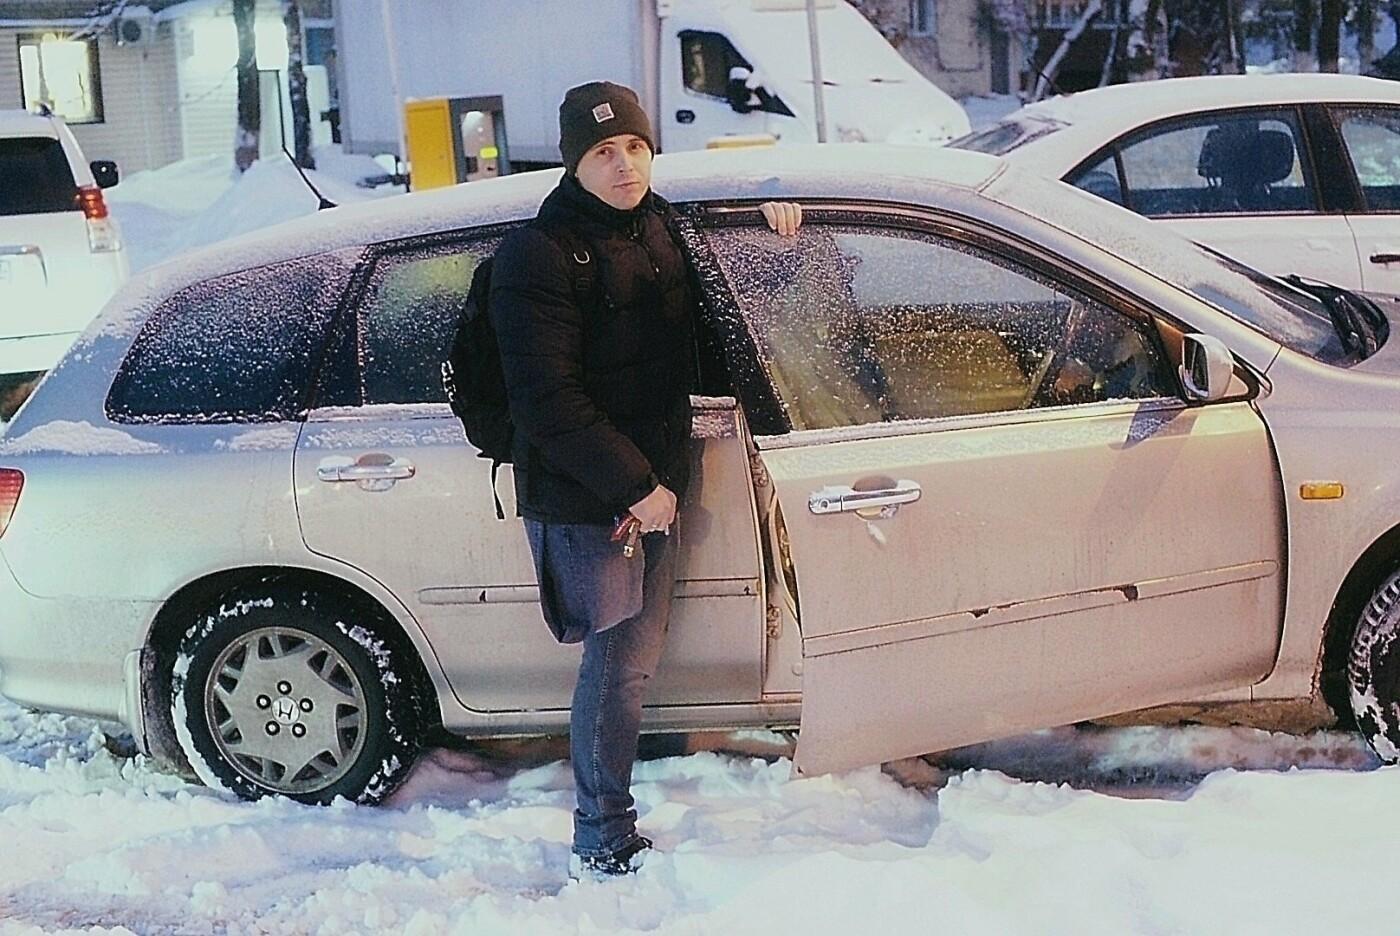 «Я не ограничен». Как живётся спортсмену без ноги в Белгороде, фото-13